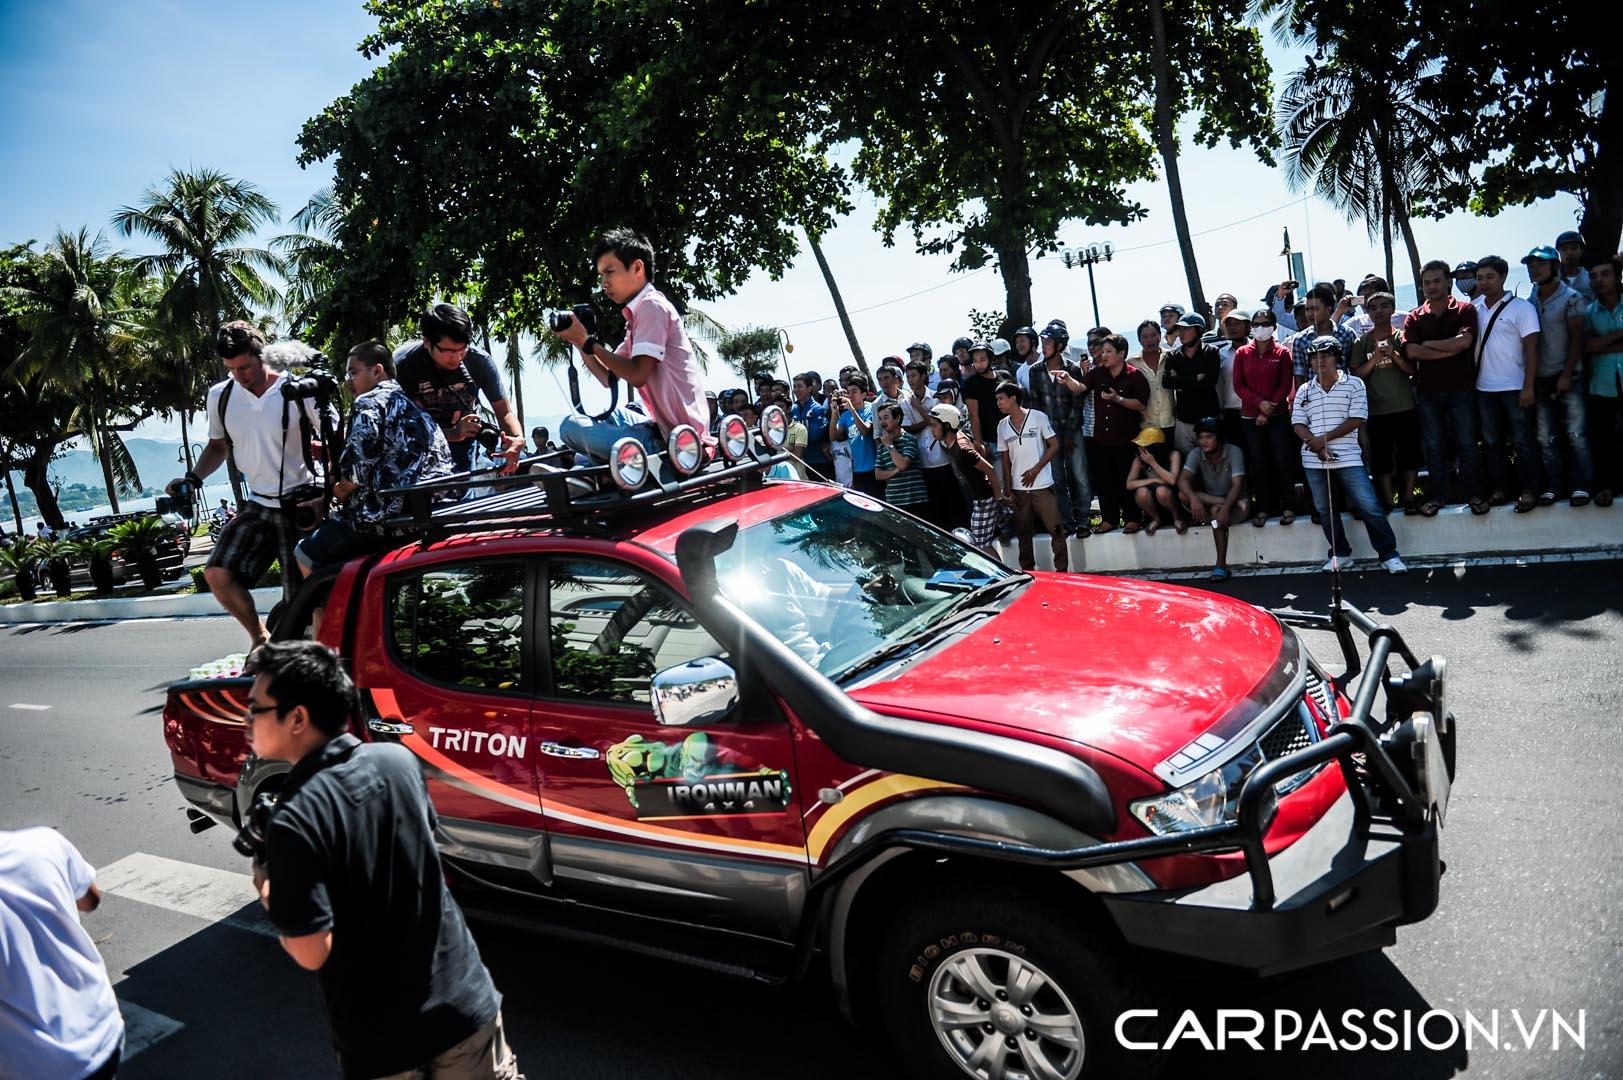 CP-Hành trình siêu xe CarPassion 2011 Day 3 (10).jpg